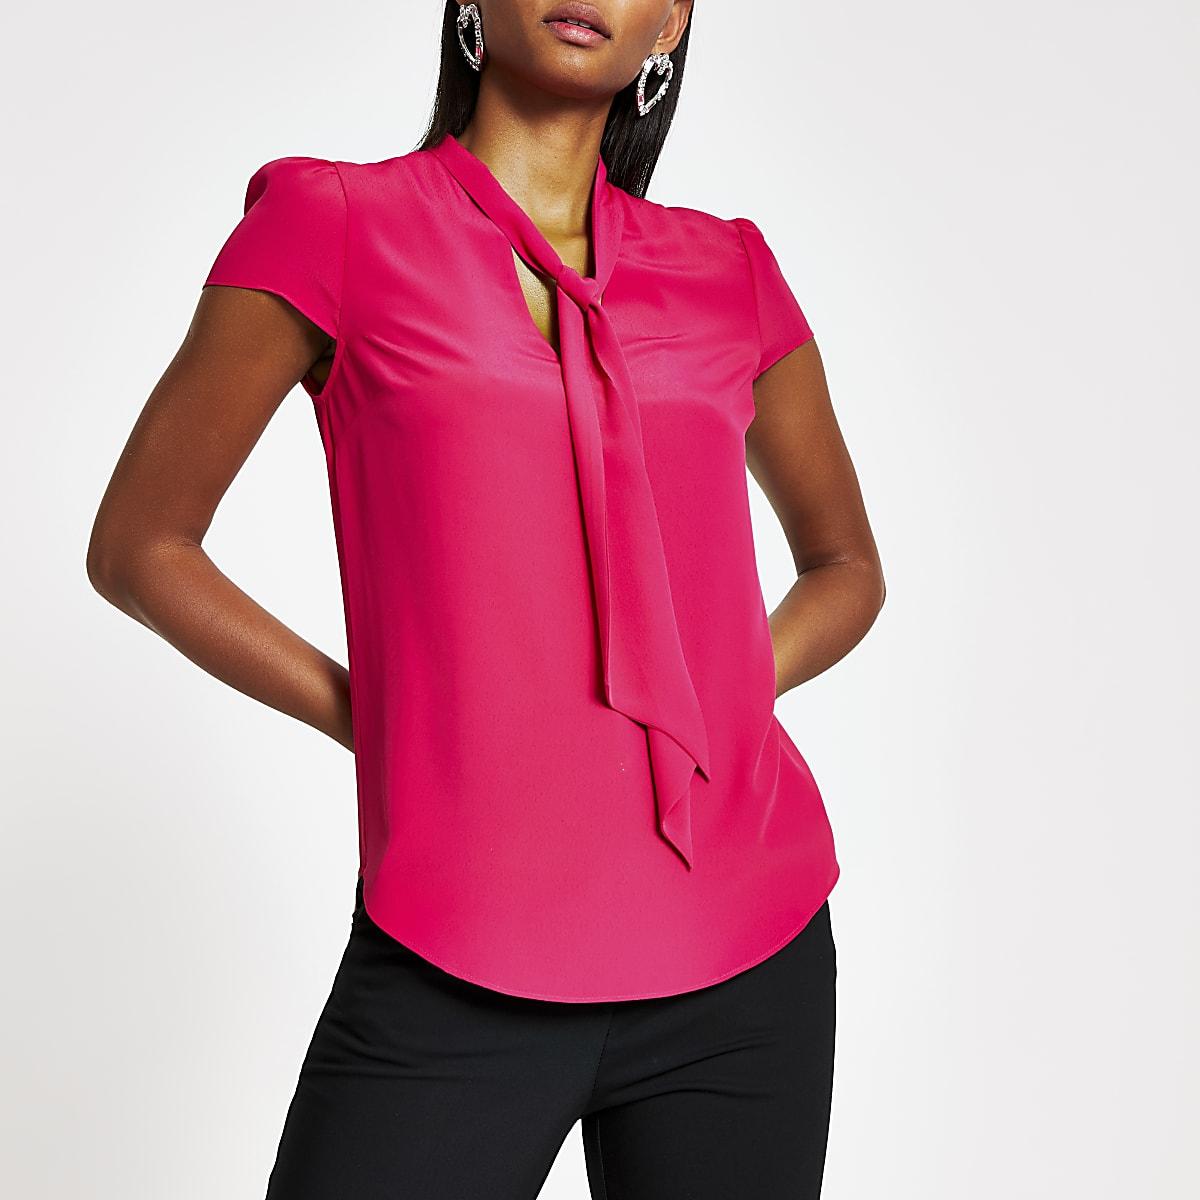 Roze blouse met strik bij de hals